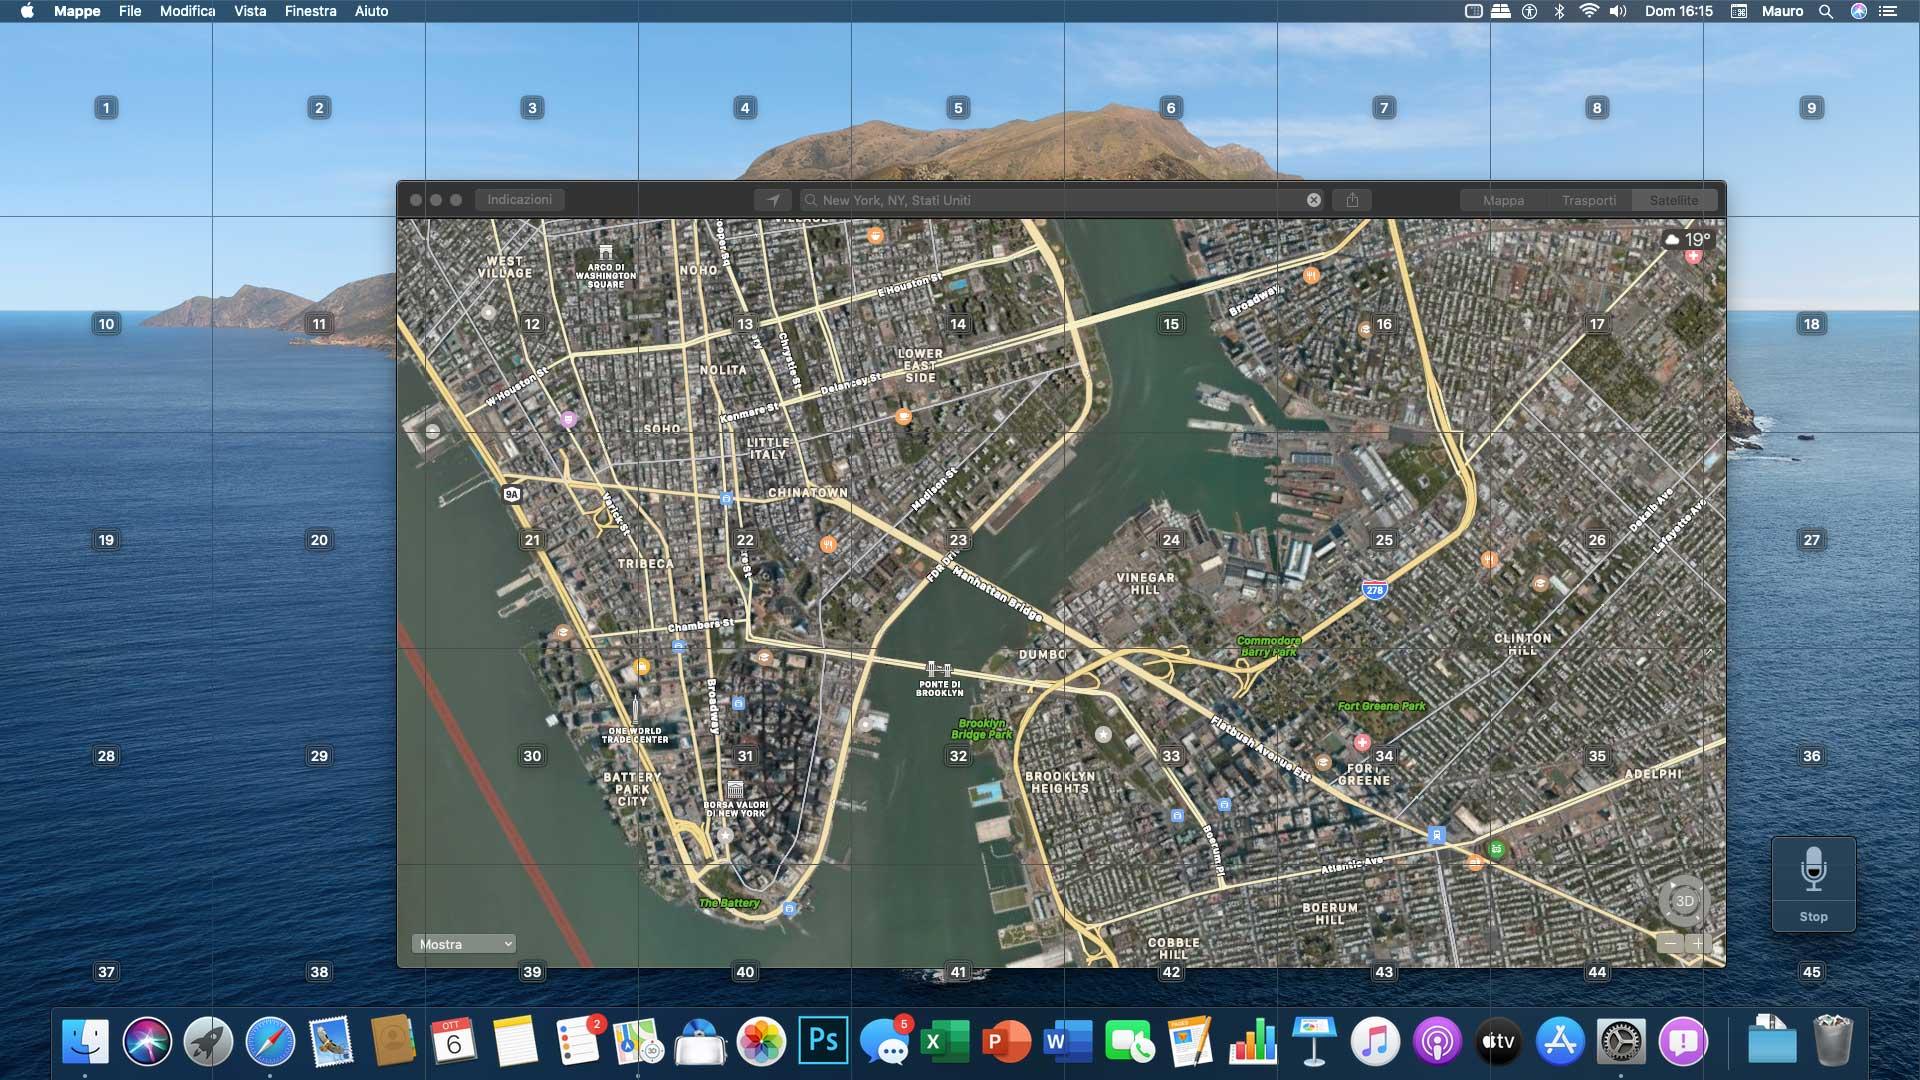 macOS 10.15 Catalina, come controllare totalmente il Mac con i comandi vocali